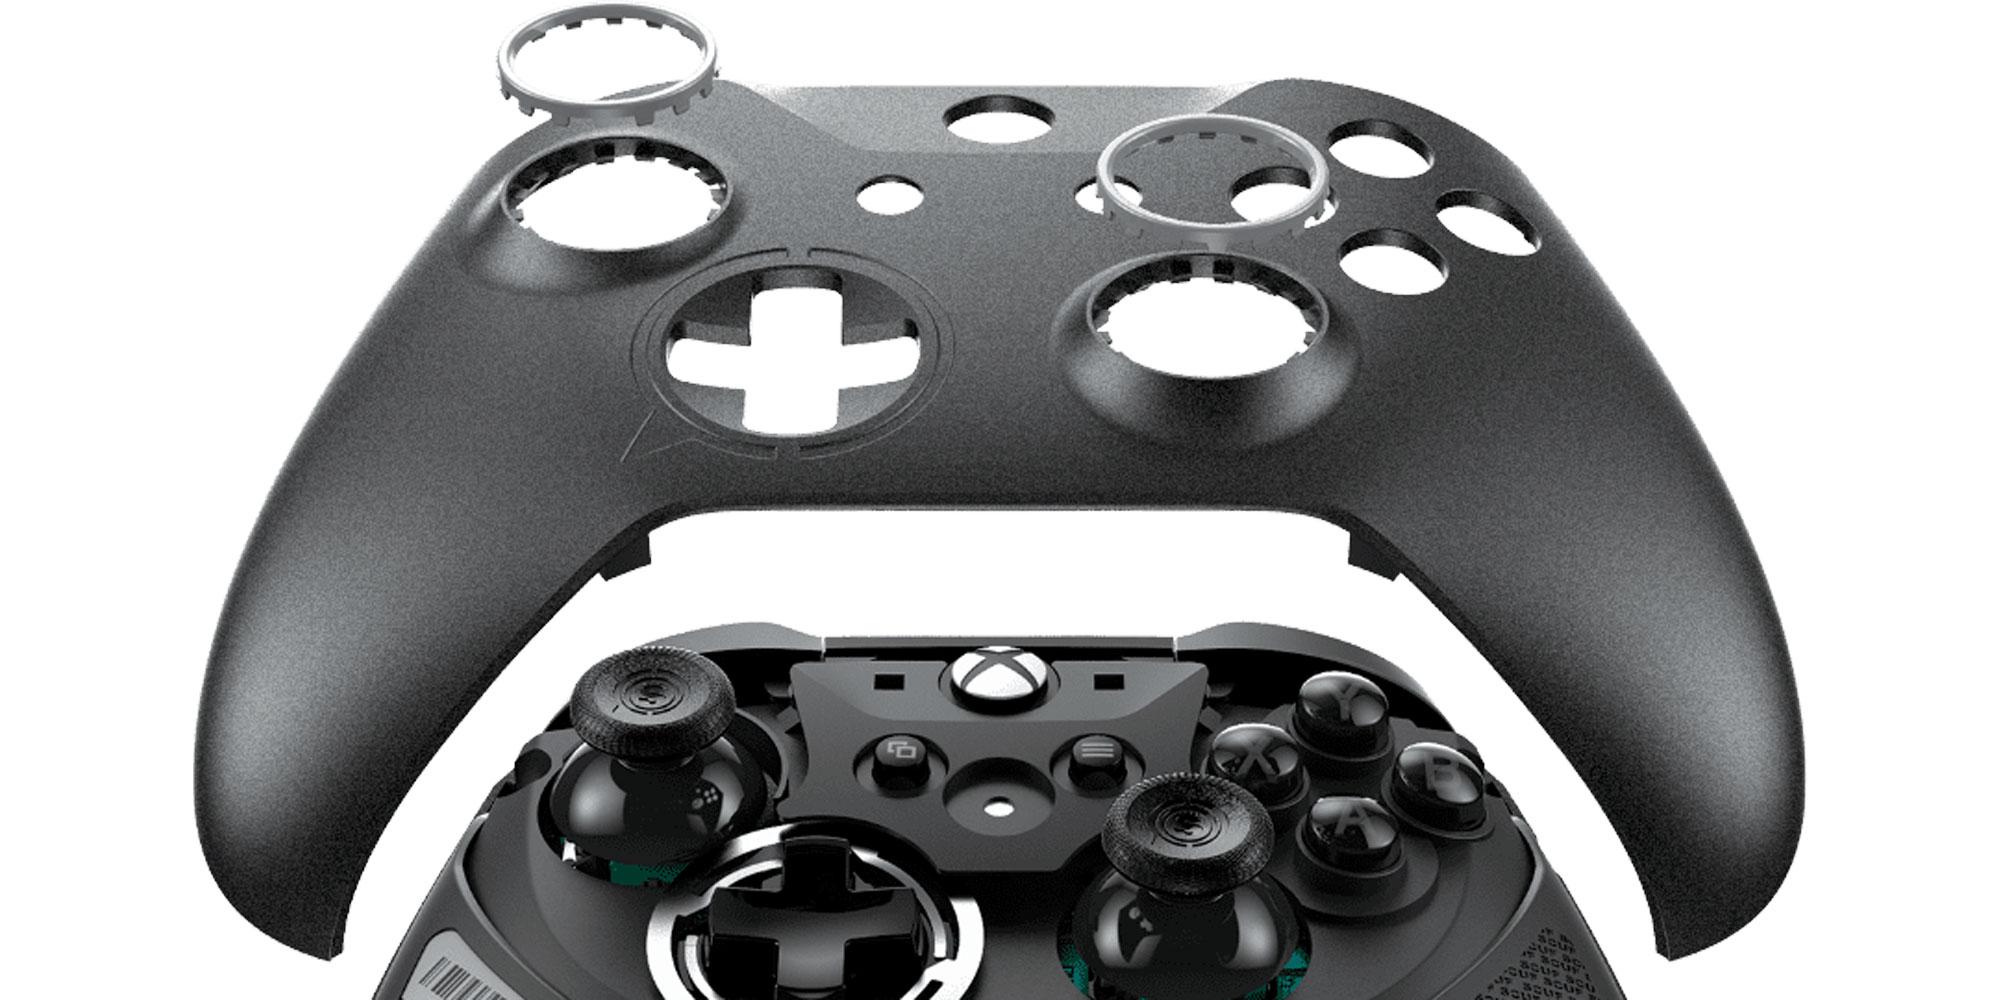 SCUF Prestige Xbox One Controller